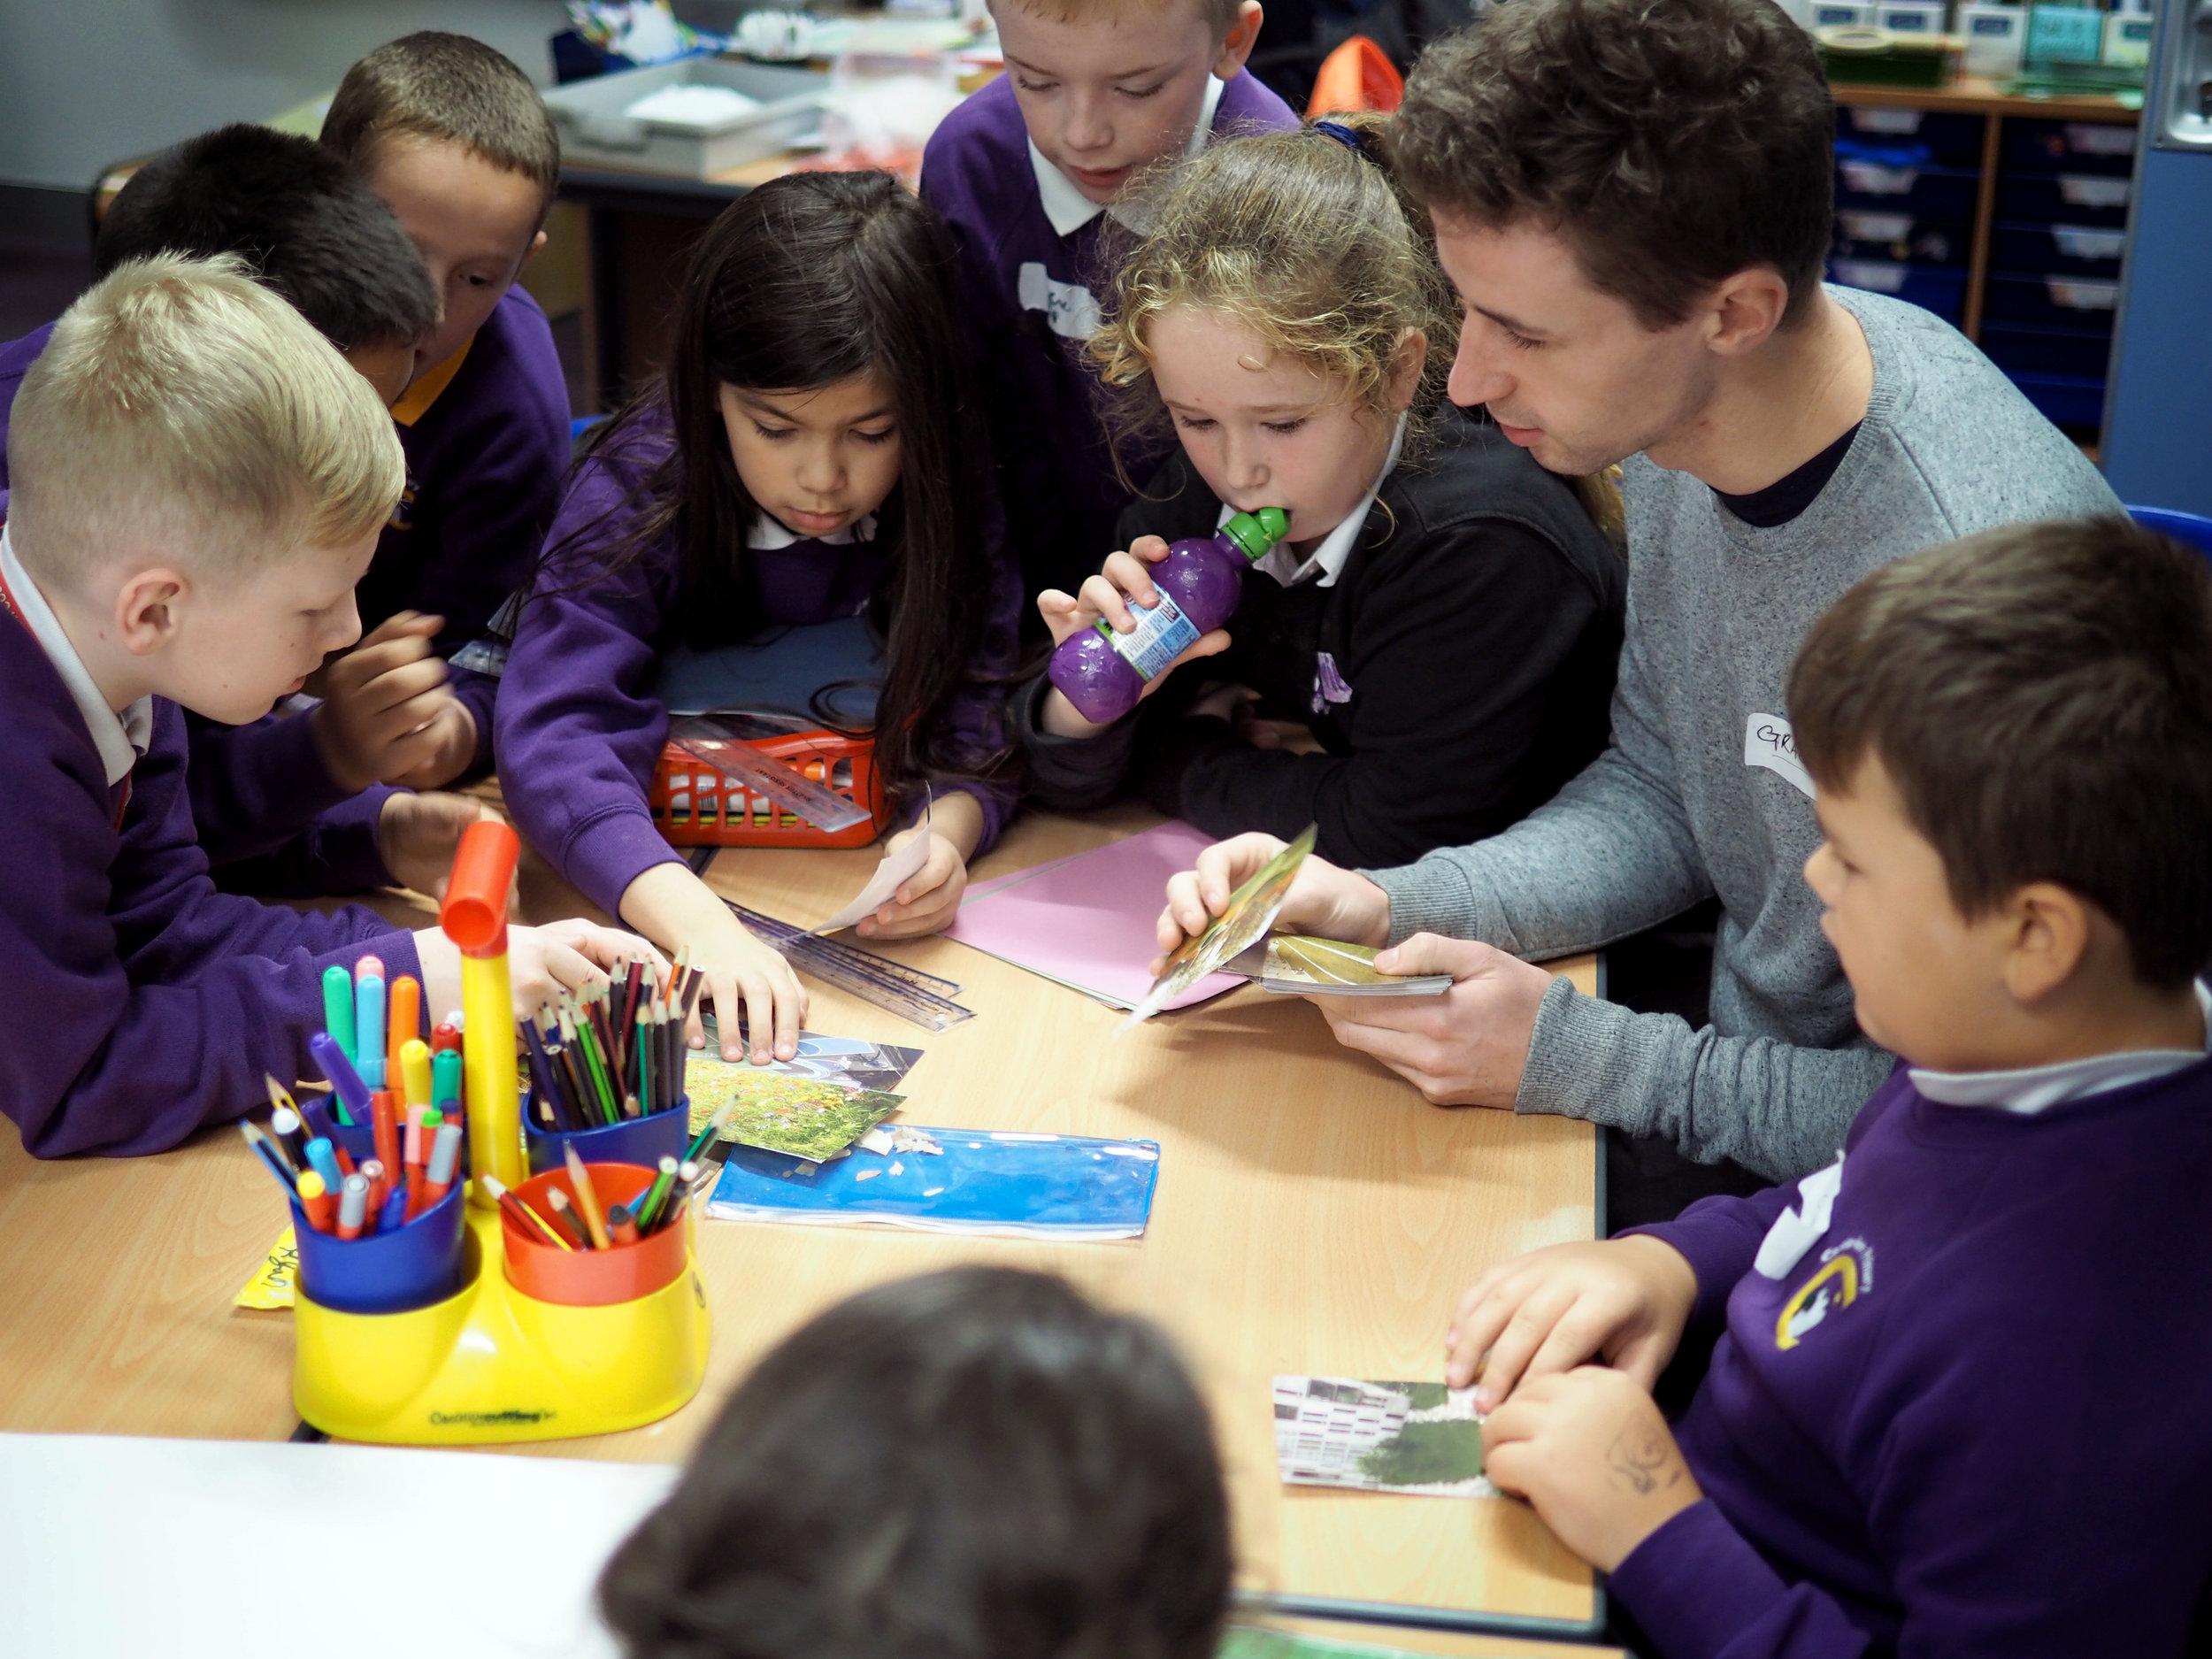 161122_HERE+NOW_Greendykes North Park_Castlebrae Primary School Engagement - 50 of 86.jpg